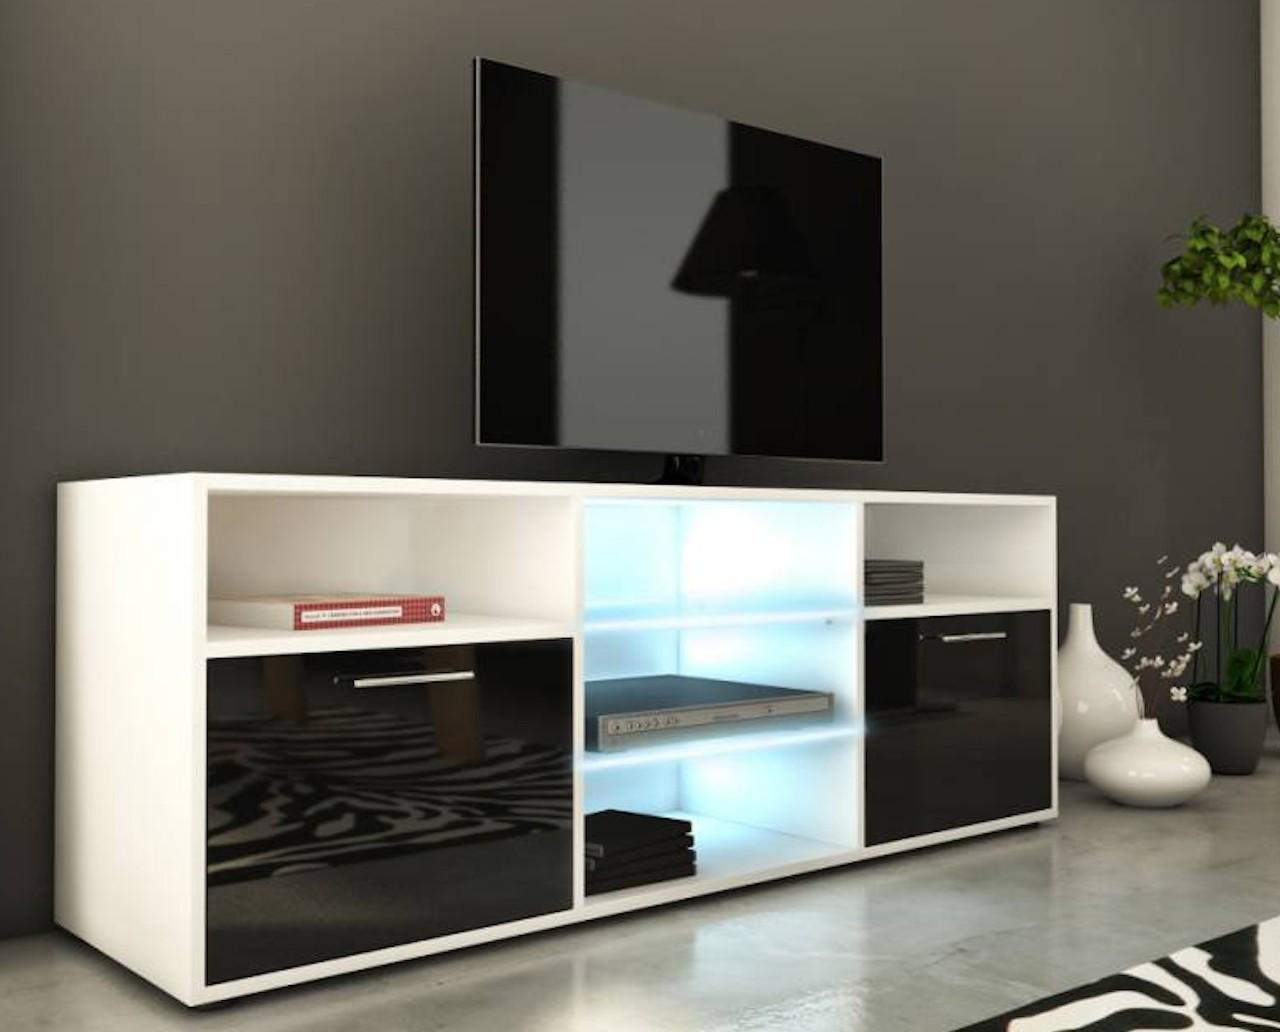 Meuble tv laqu blanc et noir led lukio - Meuble noir et blanc laque ...